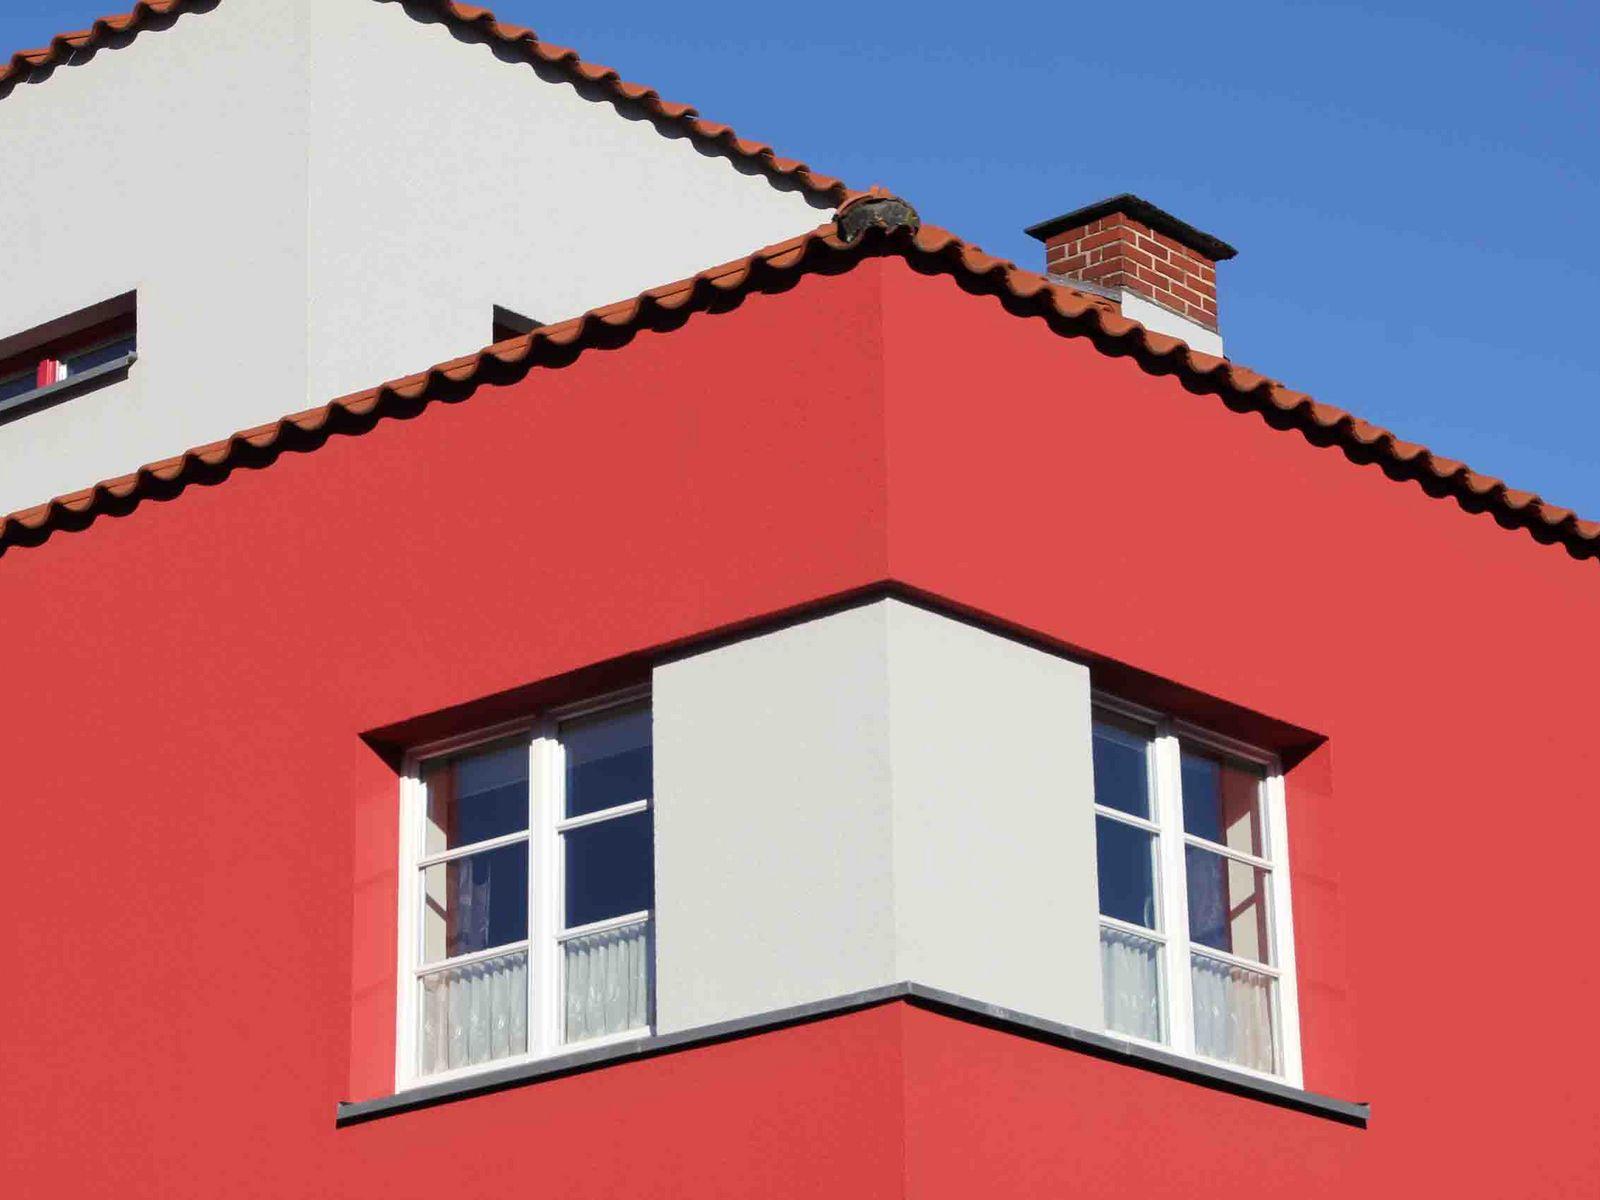 Full Size of Liegestuhl Siedlung Italienischer Garten Architektur Celle Fenster Wohnzimmer Liegestuhl Bauhaus